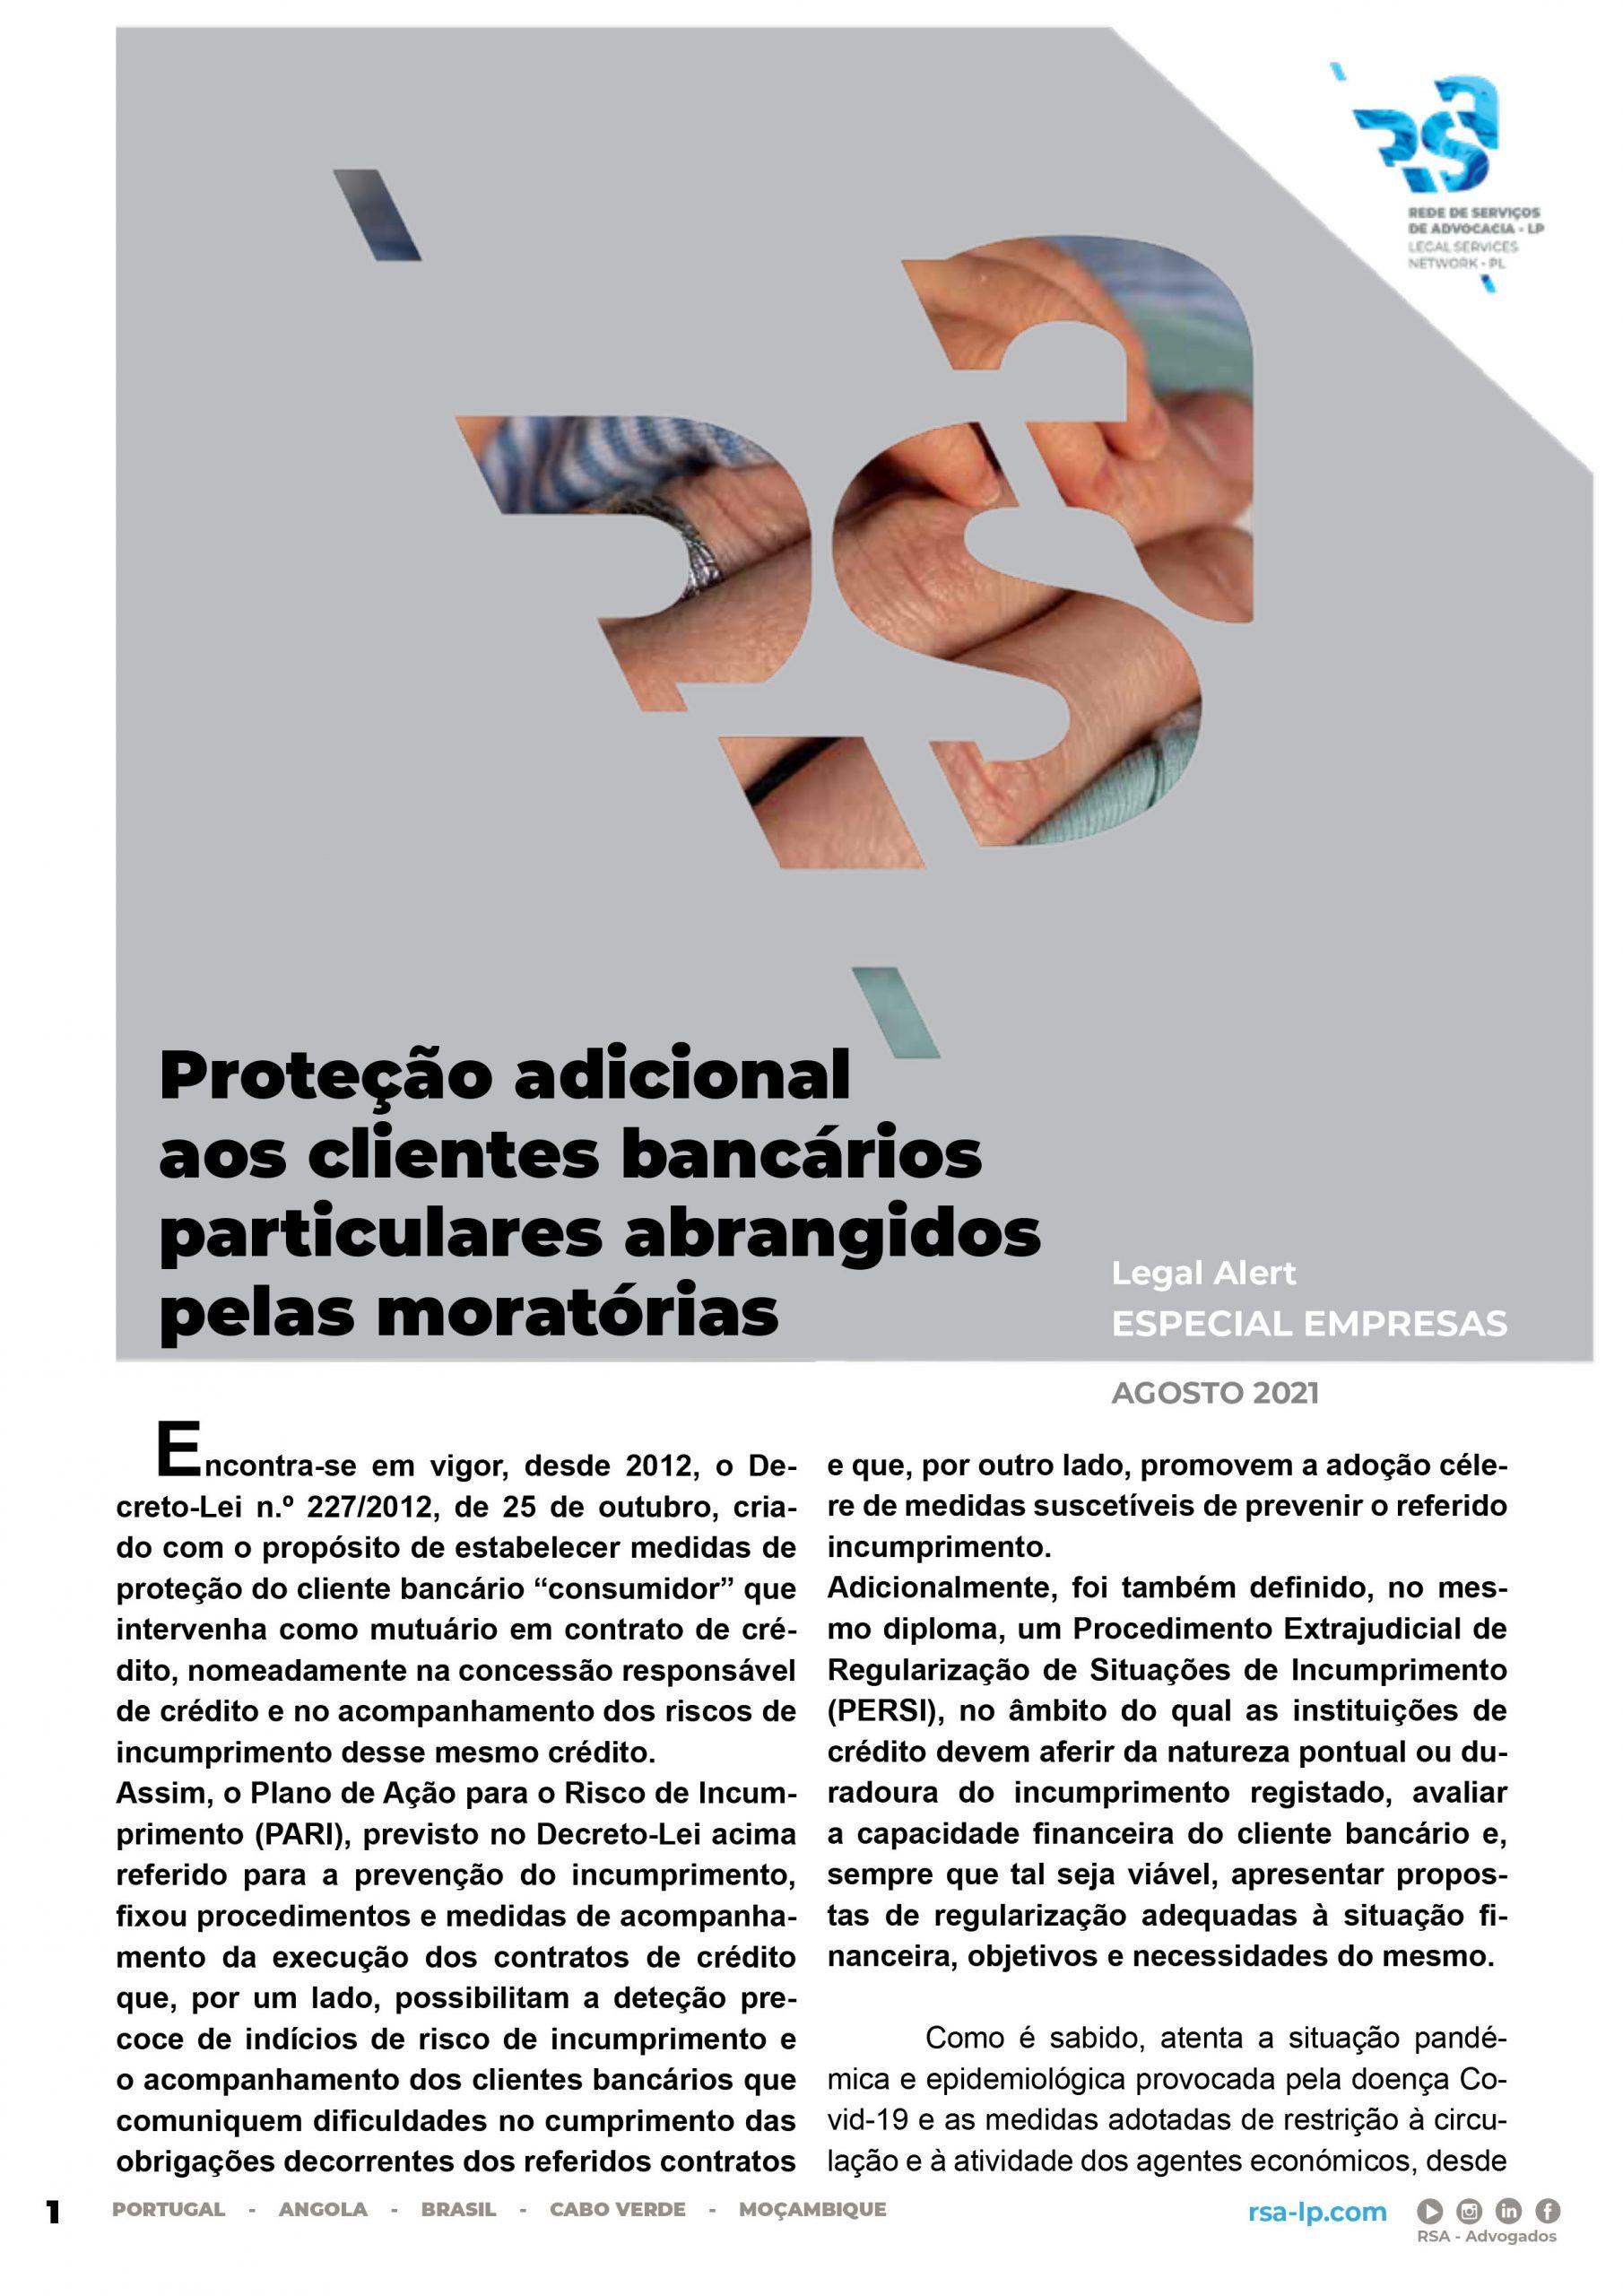 Legal Alert - Especial Empresas: Proteção adicional aos clientes bancários particulares abrangidos pelas moratórias